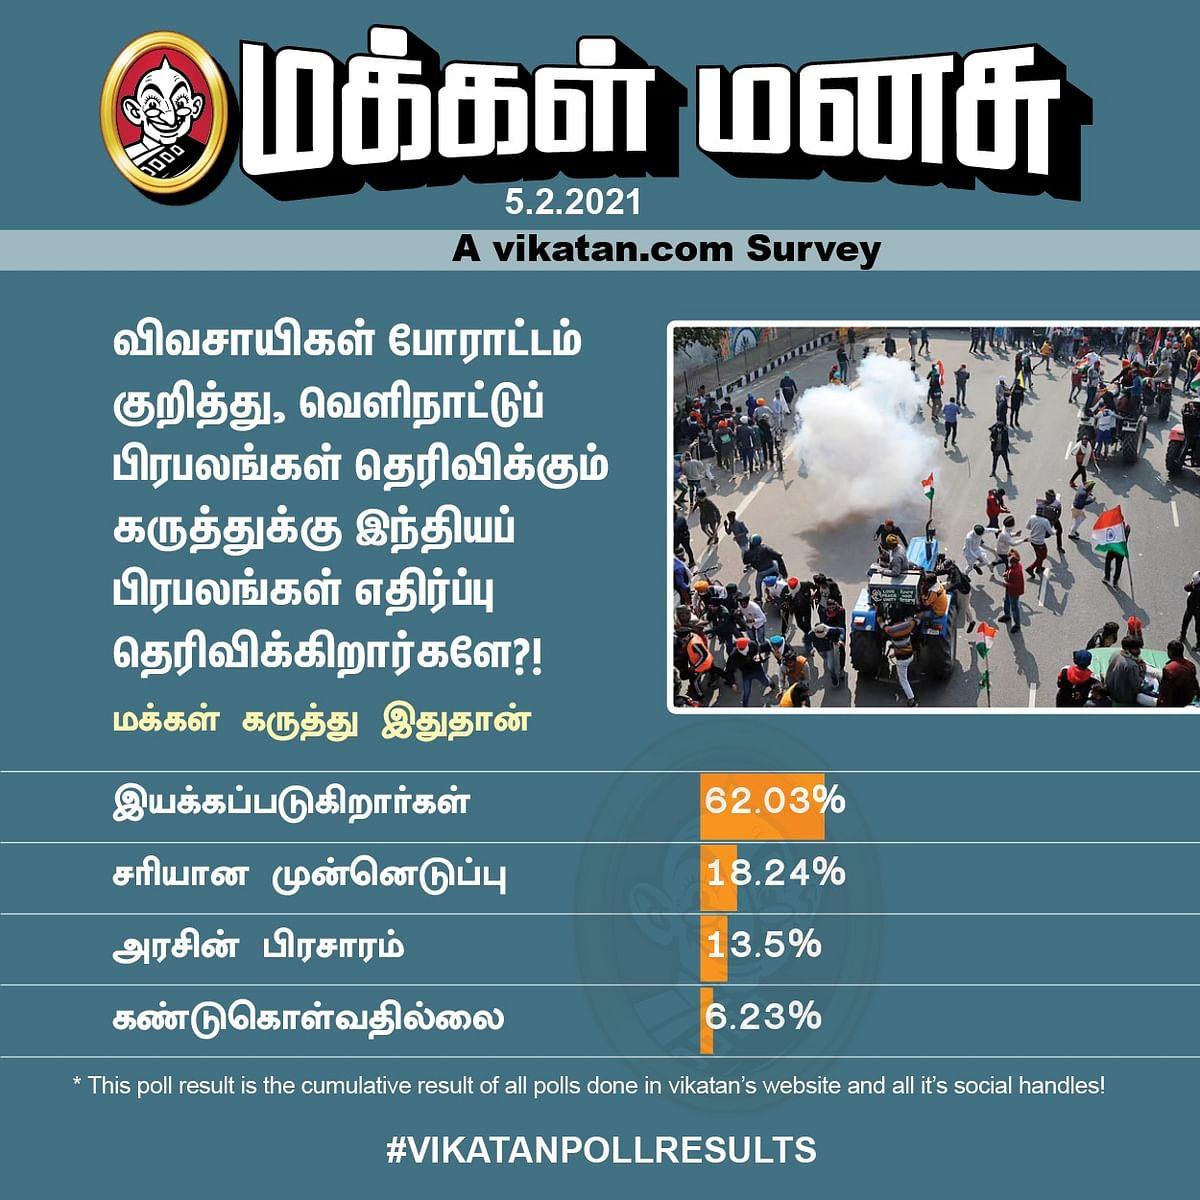 விவசாயிகள் போராட்டம் | Vikatan Poll